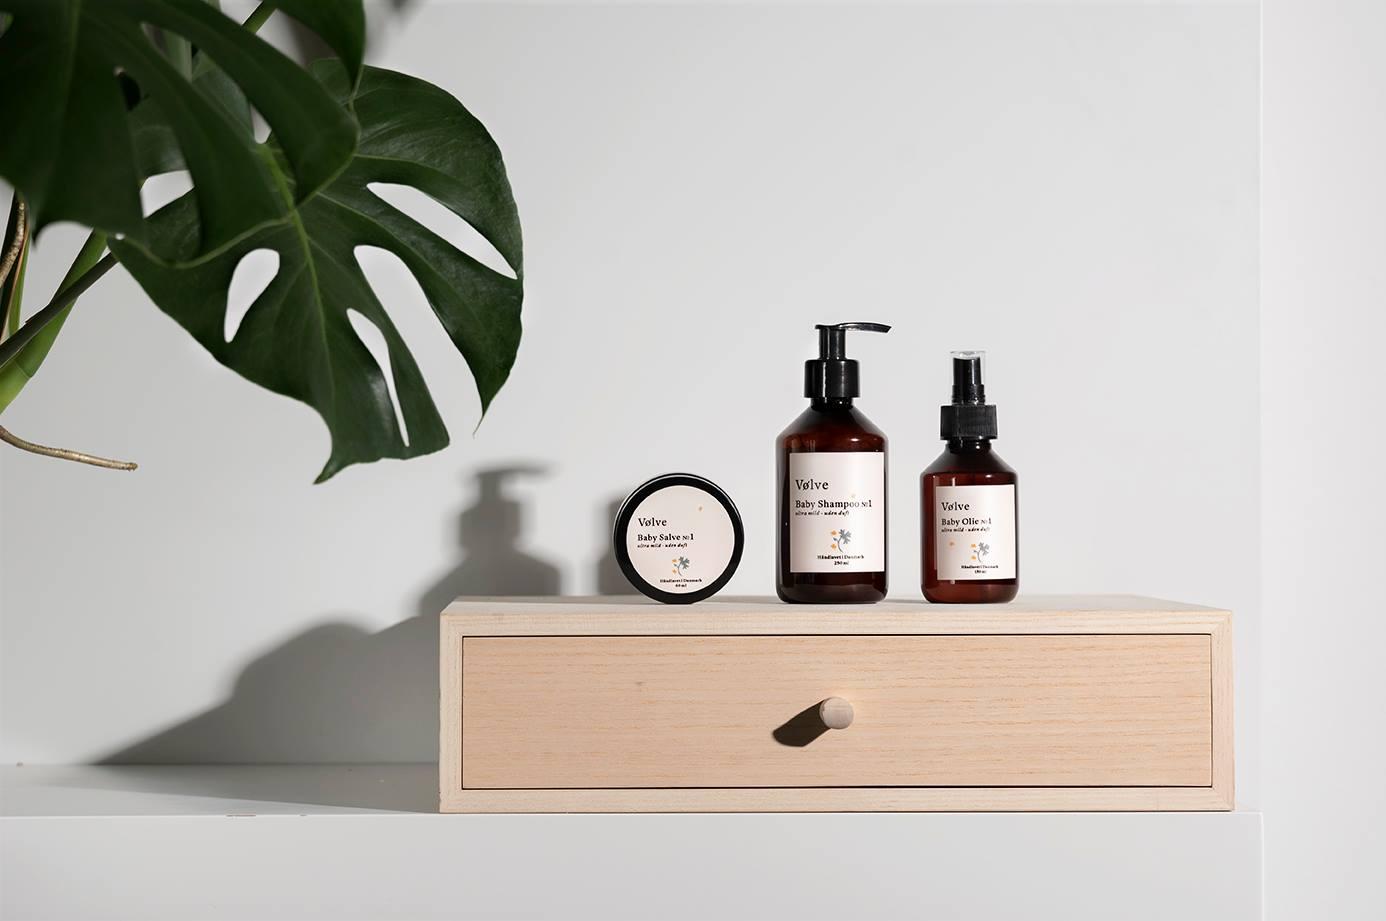 Økologiske skønheds produkter